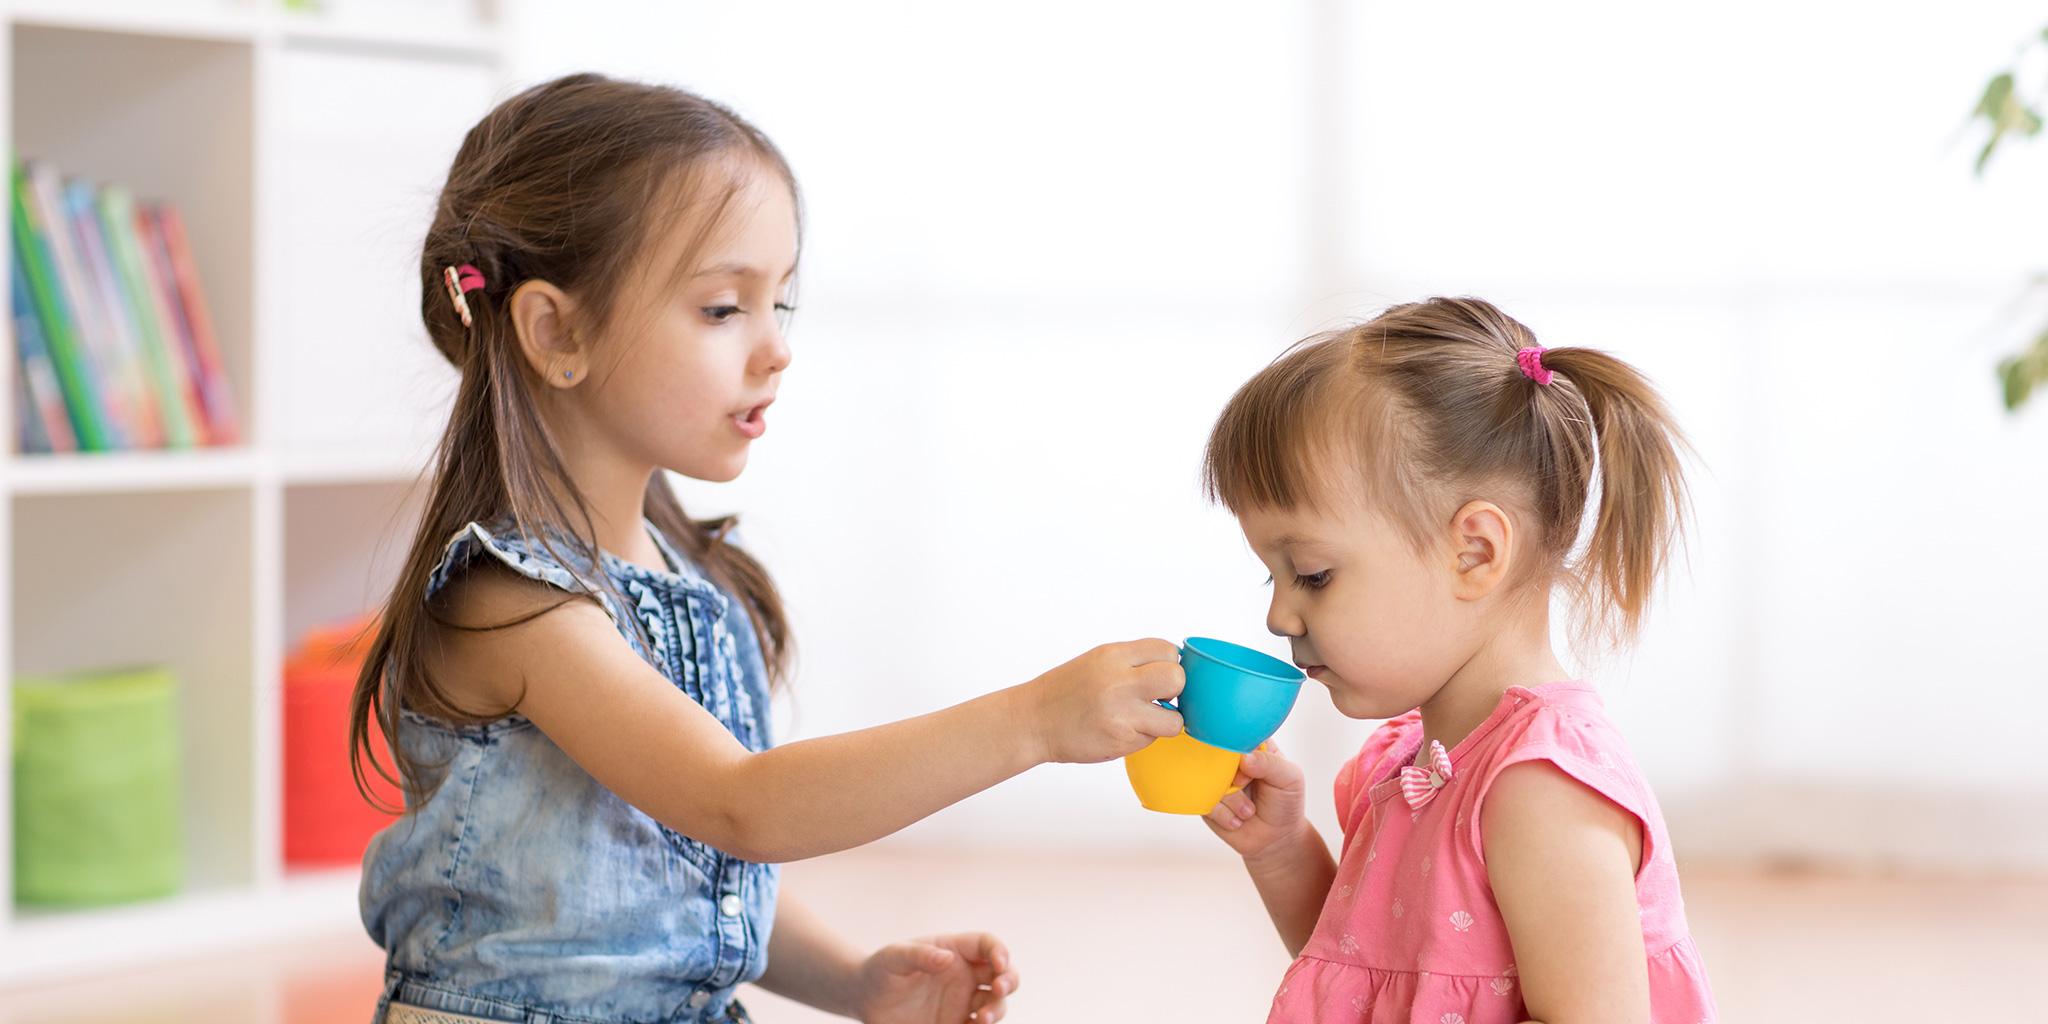 Ako opatrovateľke s vašimi deťmi dôverovať